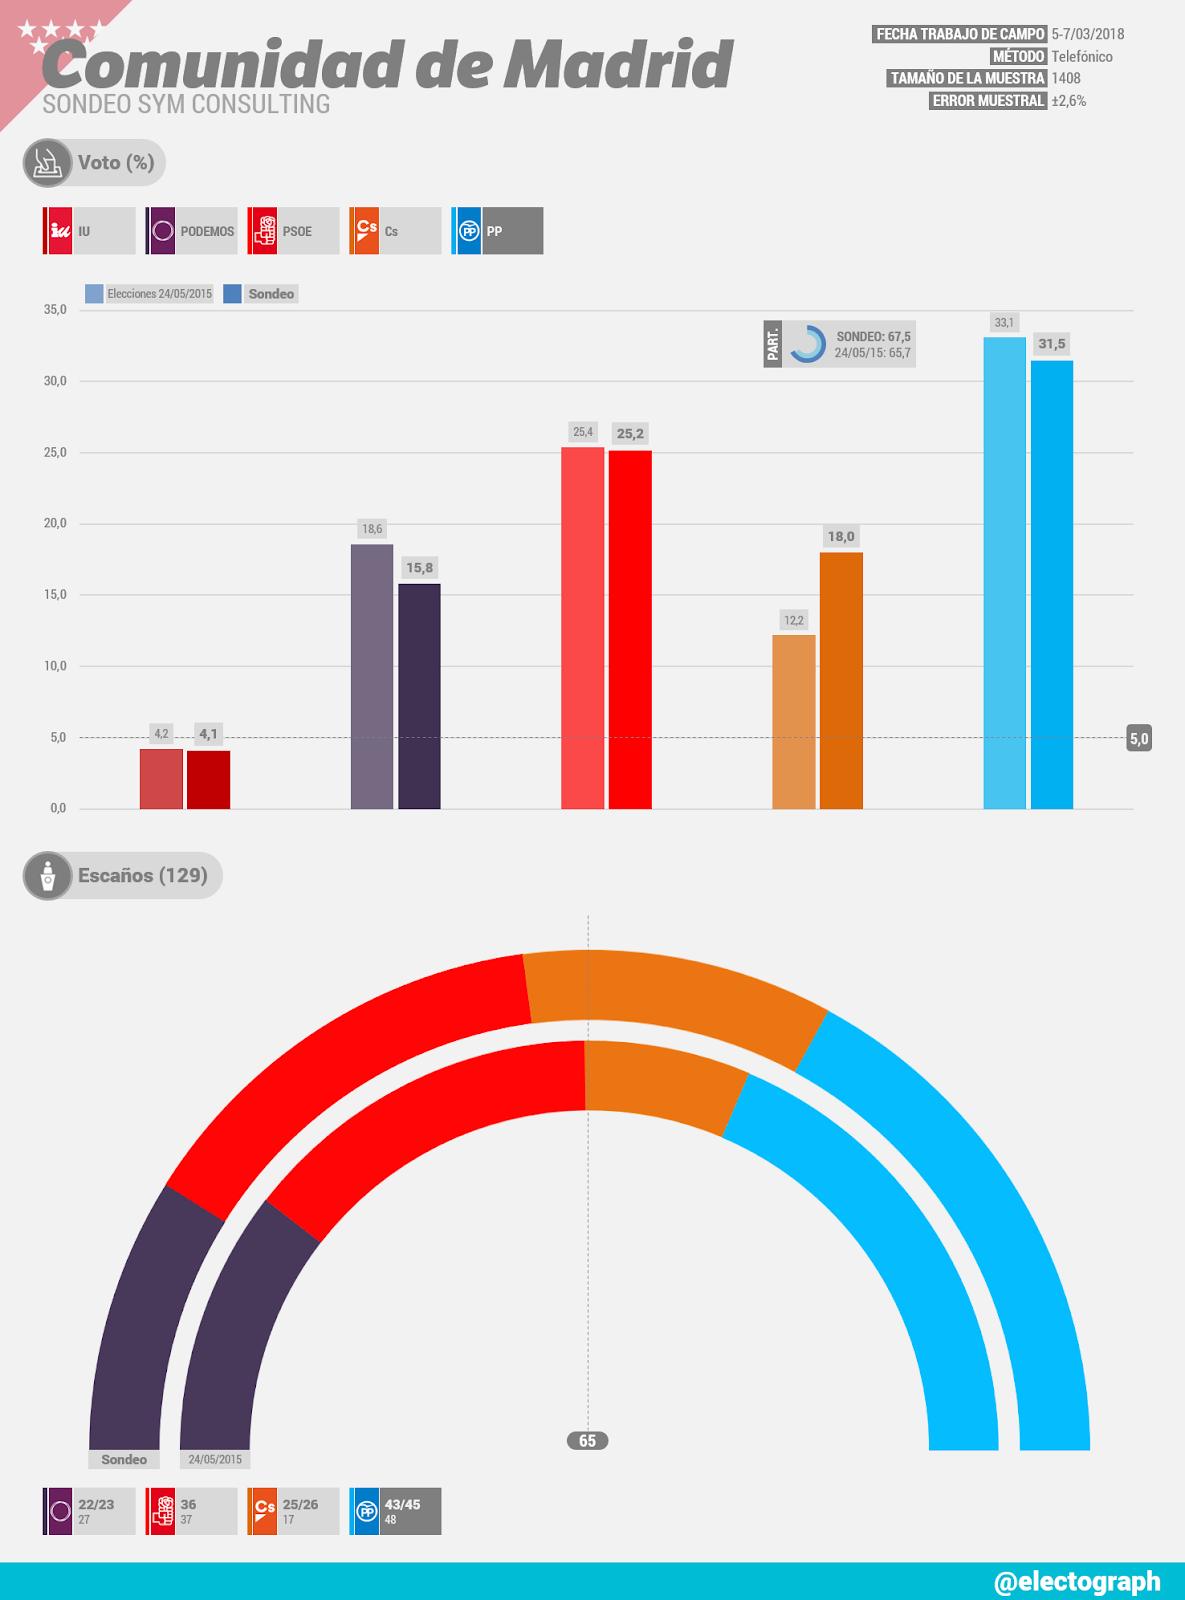 Gráfico de la encuesta para elecciones autonómicas en la Comunidad de Madrid realizada por SyM Consulting en marzo de 2018